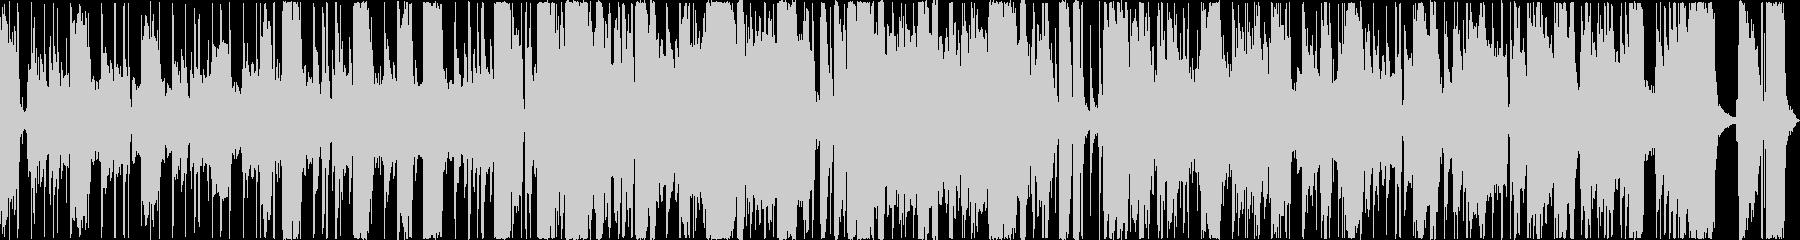 クラシックなクールファンクサウンドの未再生の波形